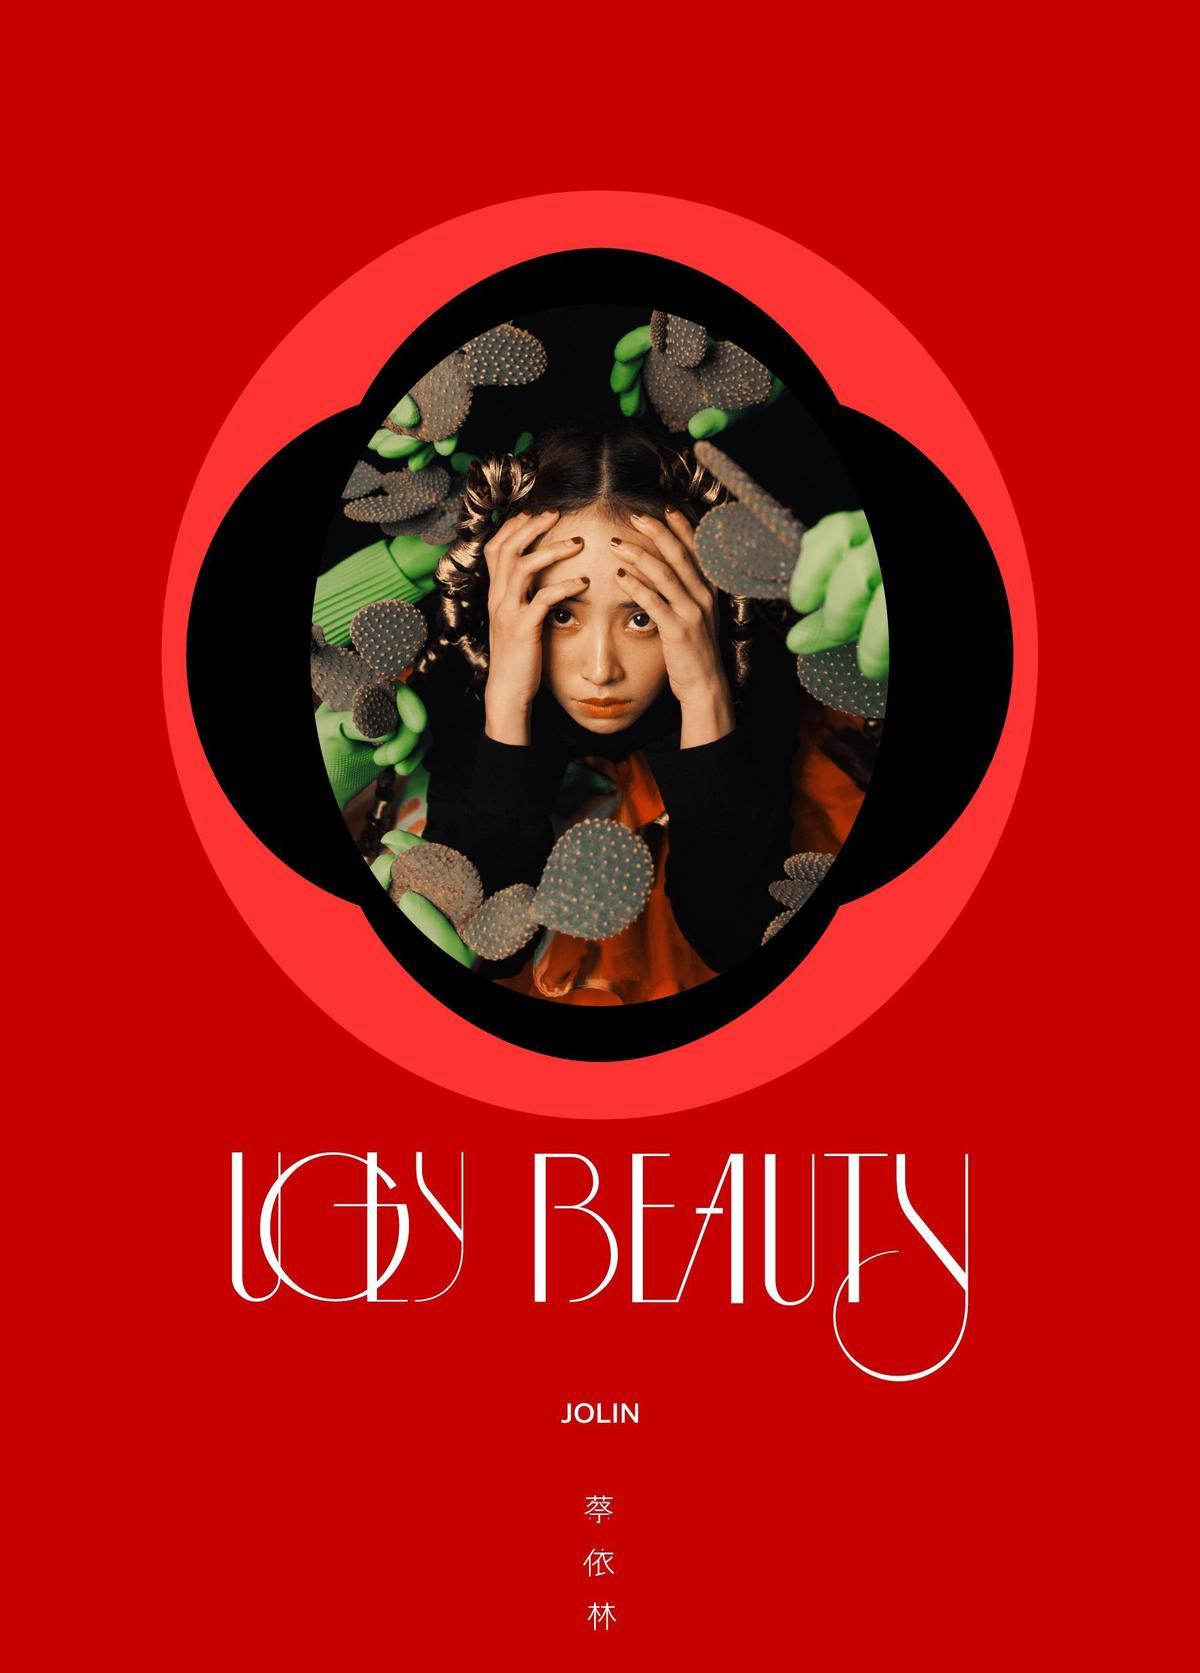 蔡依林專輯推出四款封面,都是精心打造怪美到極致的美照。(凌時差提供)